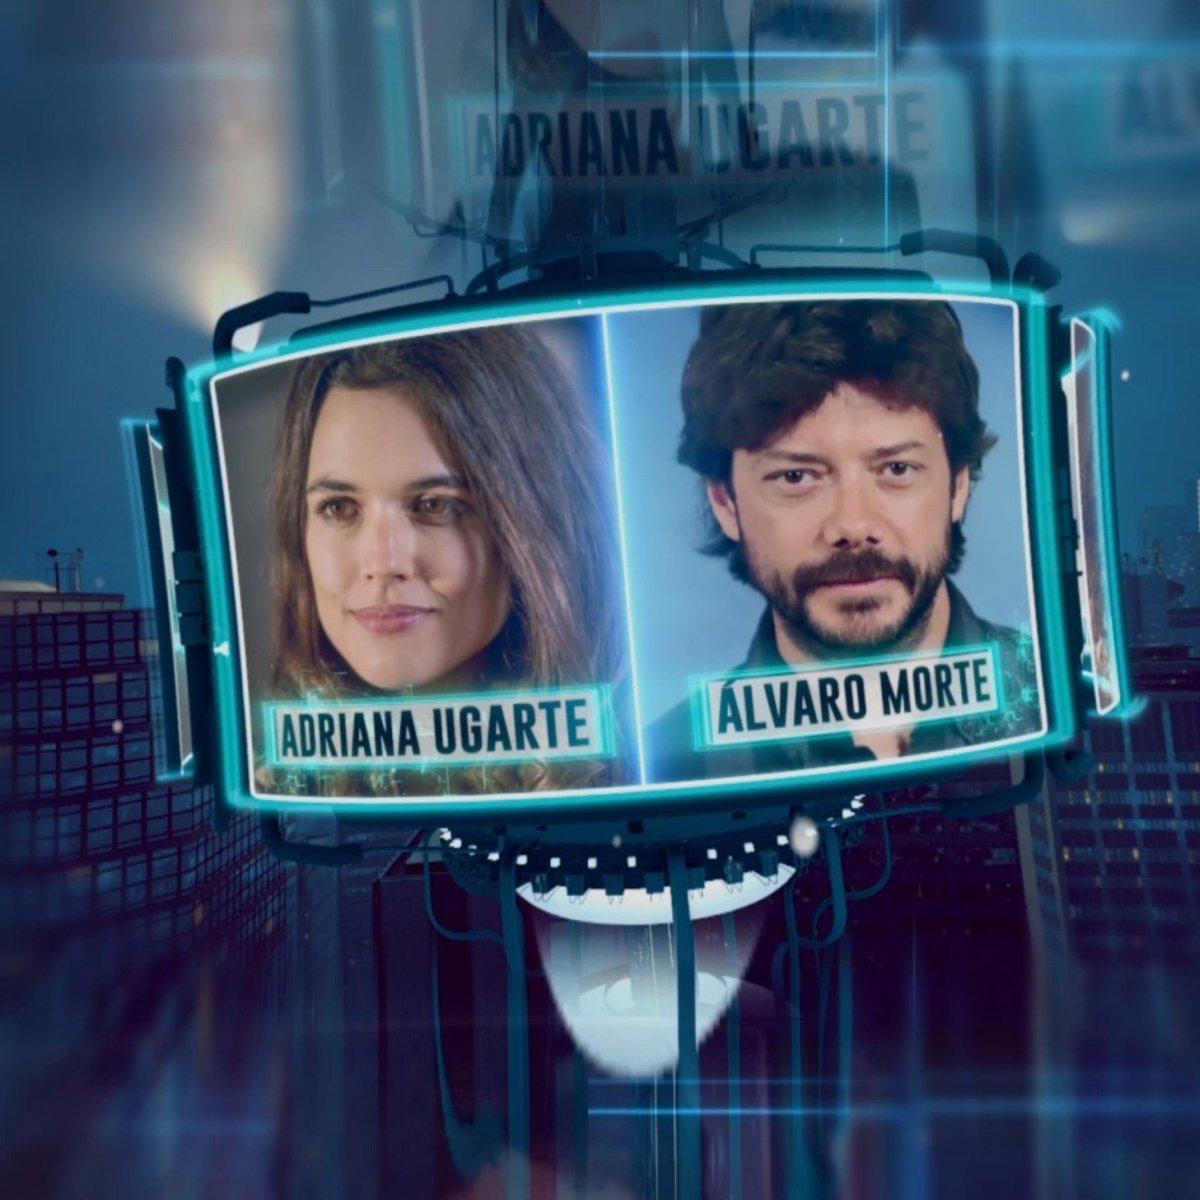 """Comenzamos la semana con dos grandes actores @adrianaugarte10 y @AlvaroMorte 😎 Nos presentarán """"Durante la tormenta"""" su nueva película que se estrena este Viernes 🎥 #TormentaEH"""